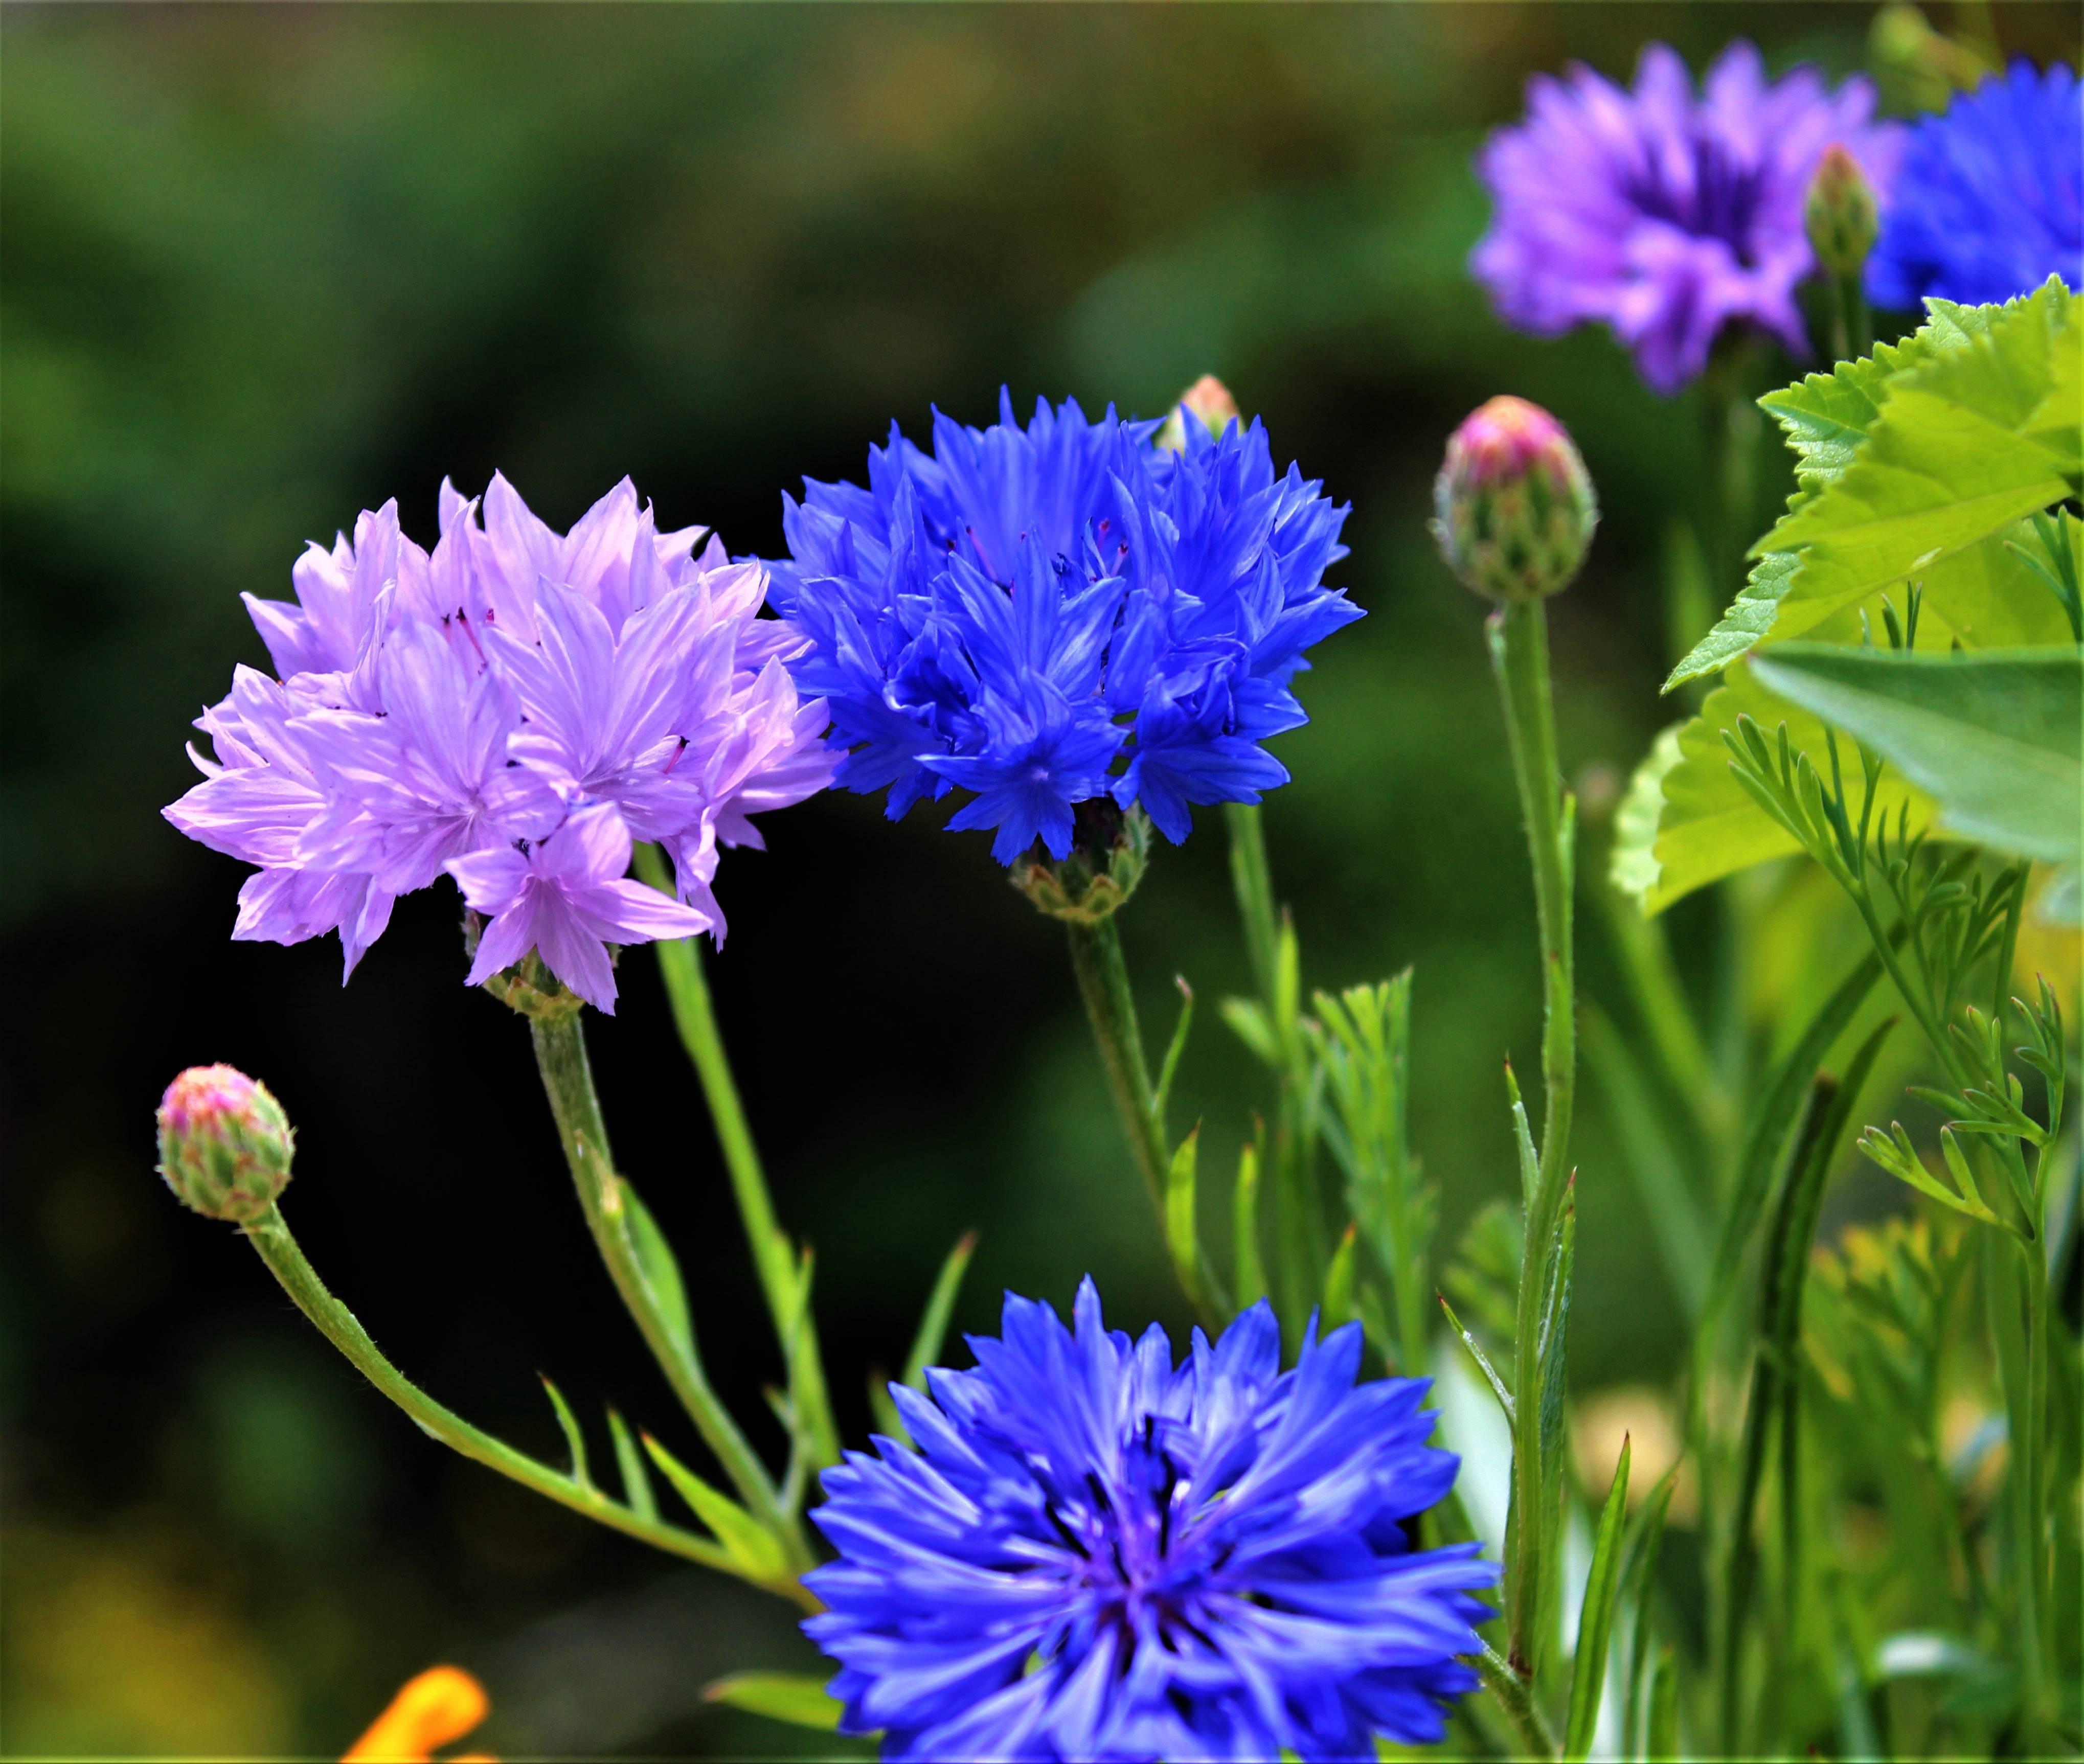 Цветы васильки — фото, виды, посадка и уход